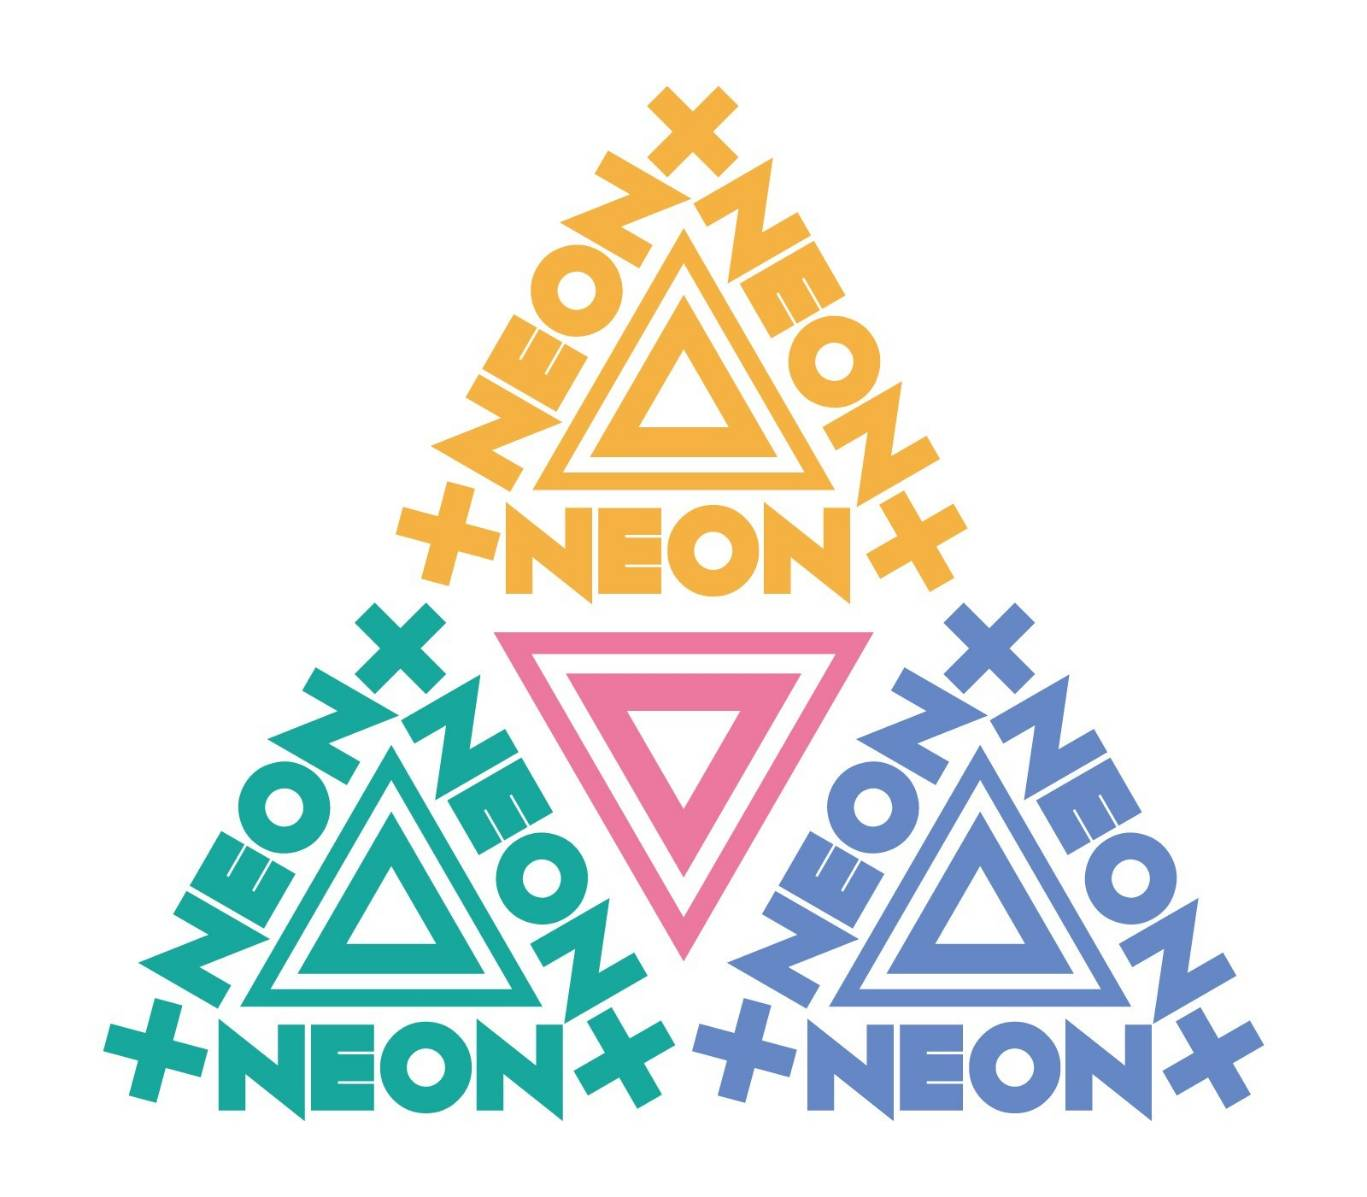 2019年8月26日(月)『NEON×NEON×NEON』